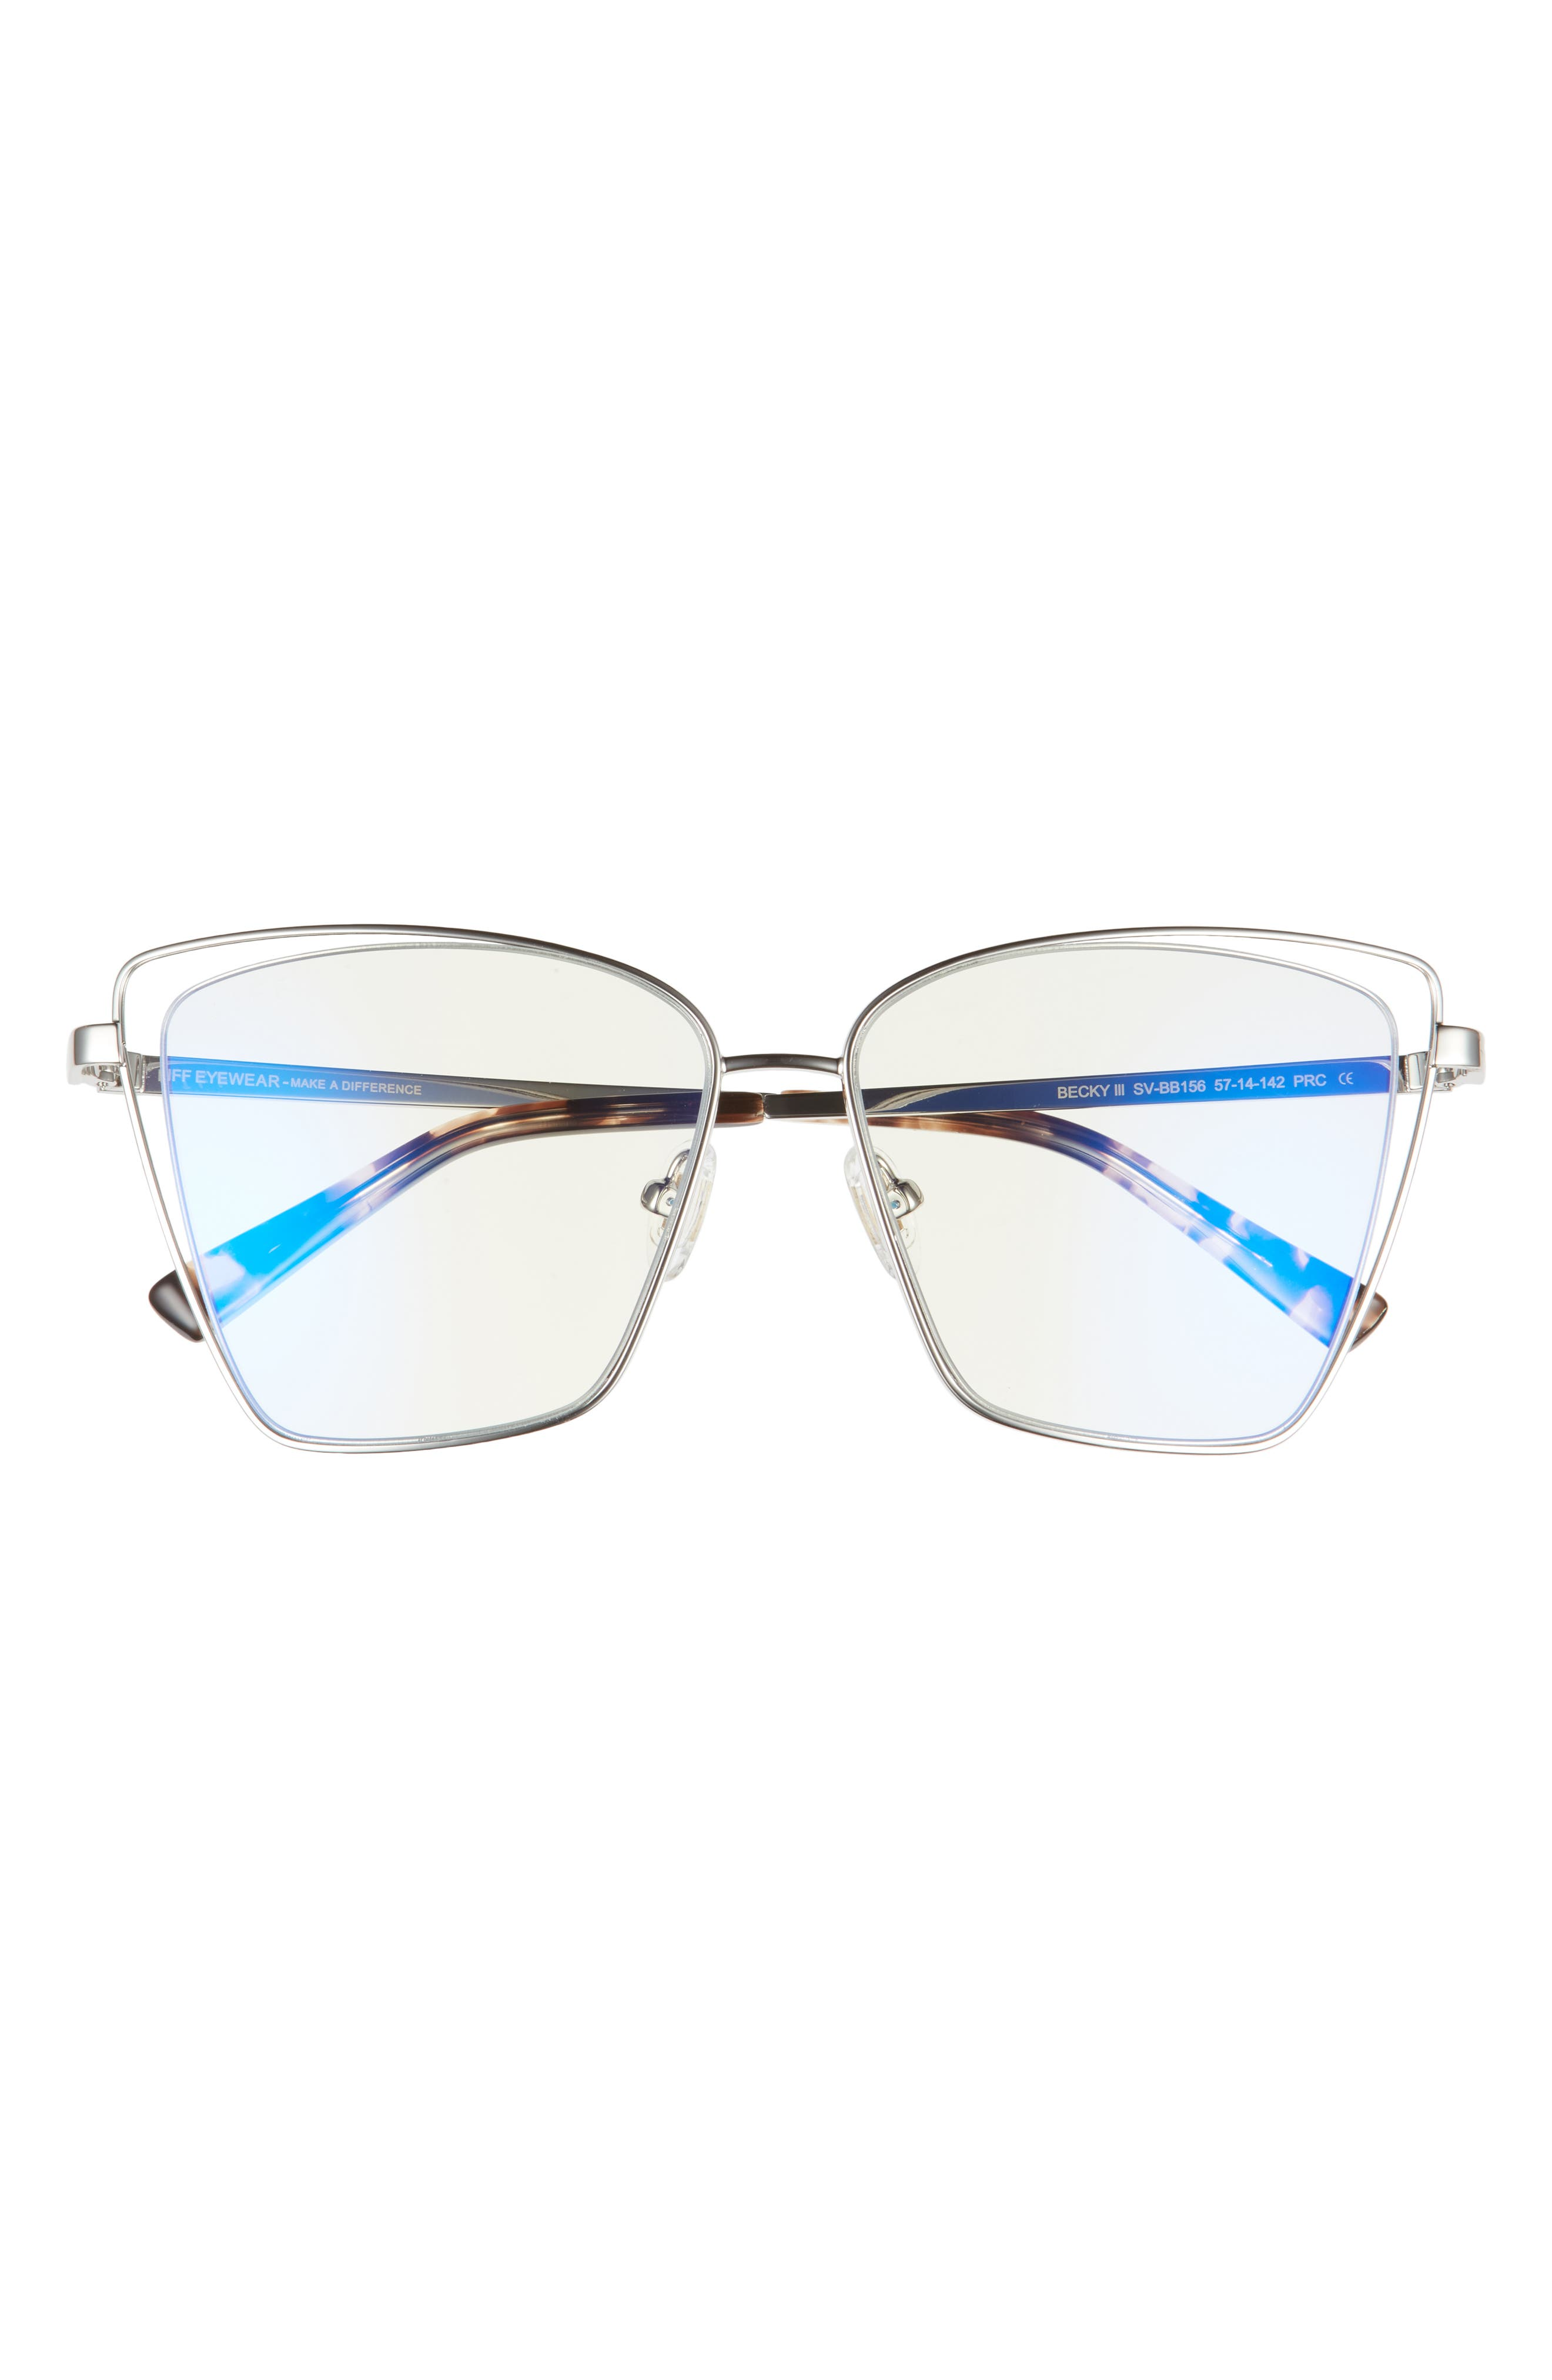 Bella 54mm Square Polarized Sunglasses